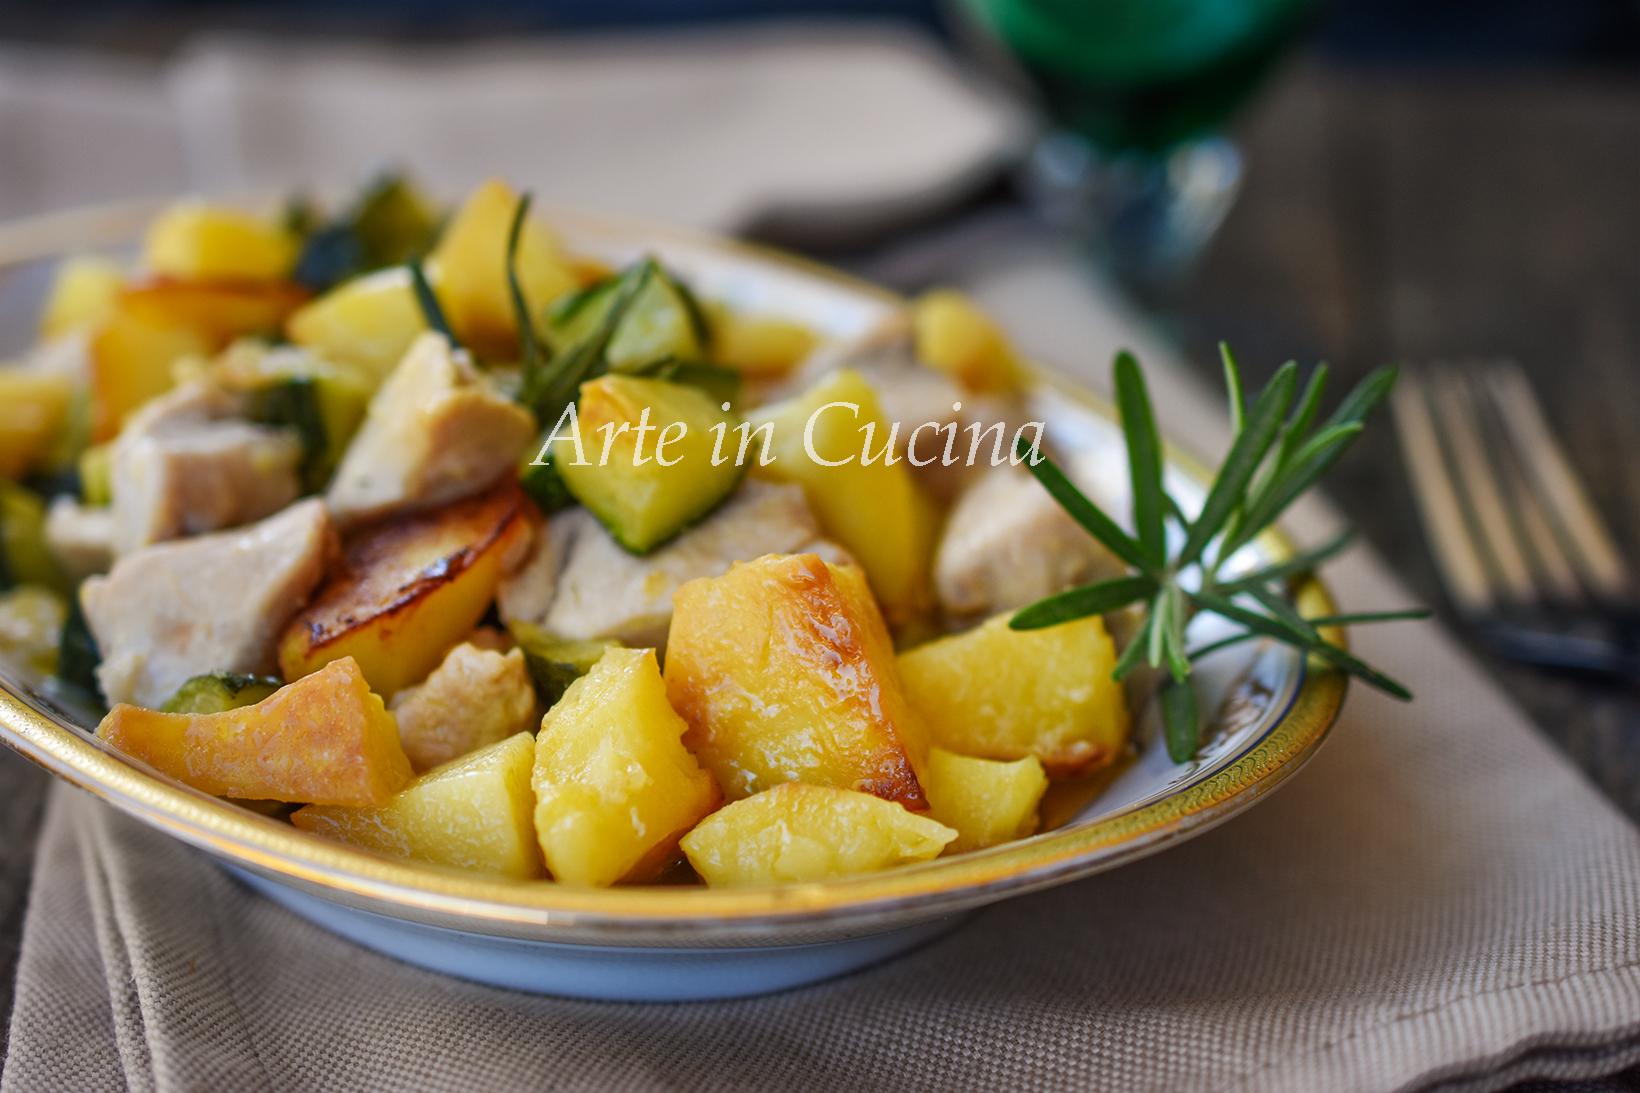 Bocconcini di pollo patate e zucchine vickyart arte in cucina